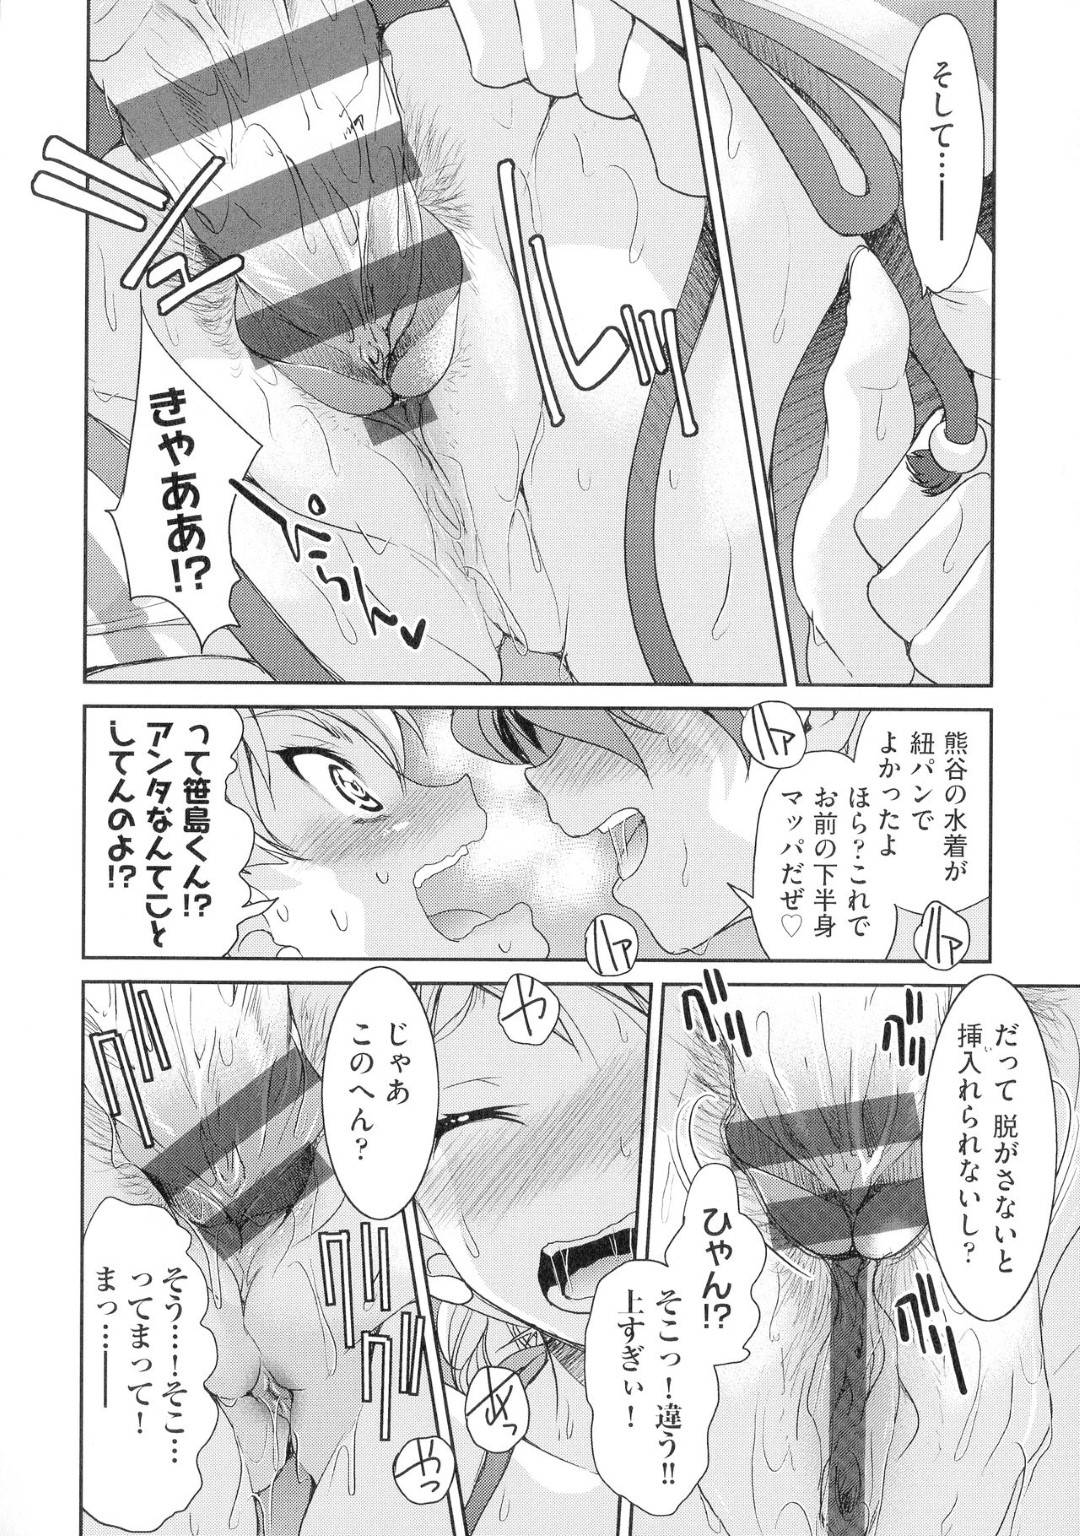 【3Pエロ漫画】崩れたトンネルの下敷きとなった熊谷と笹島は、密着した状態で生ハメセックス。すると興奮した佐藤も熊谷のアナルに生ハメし3P中出しセックスでアクメする【井上よしひさ】